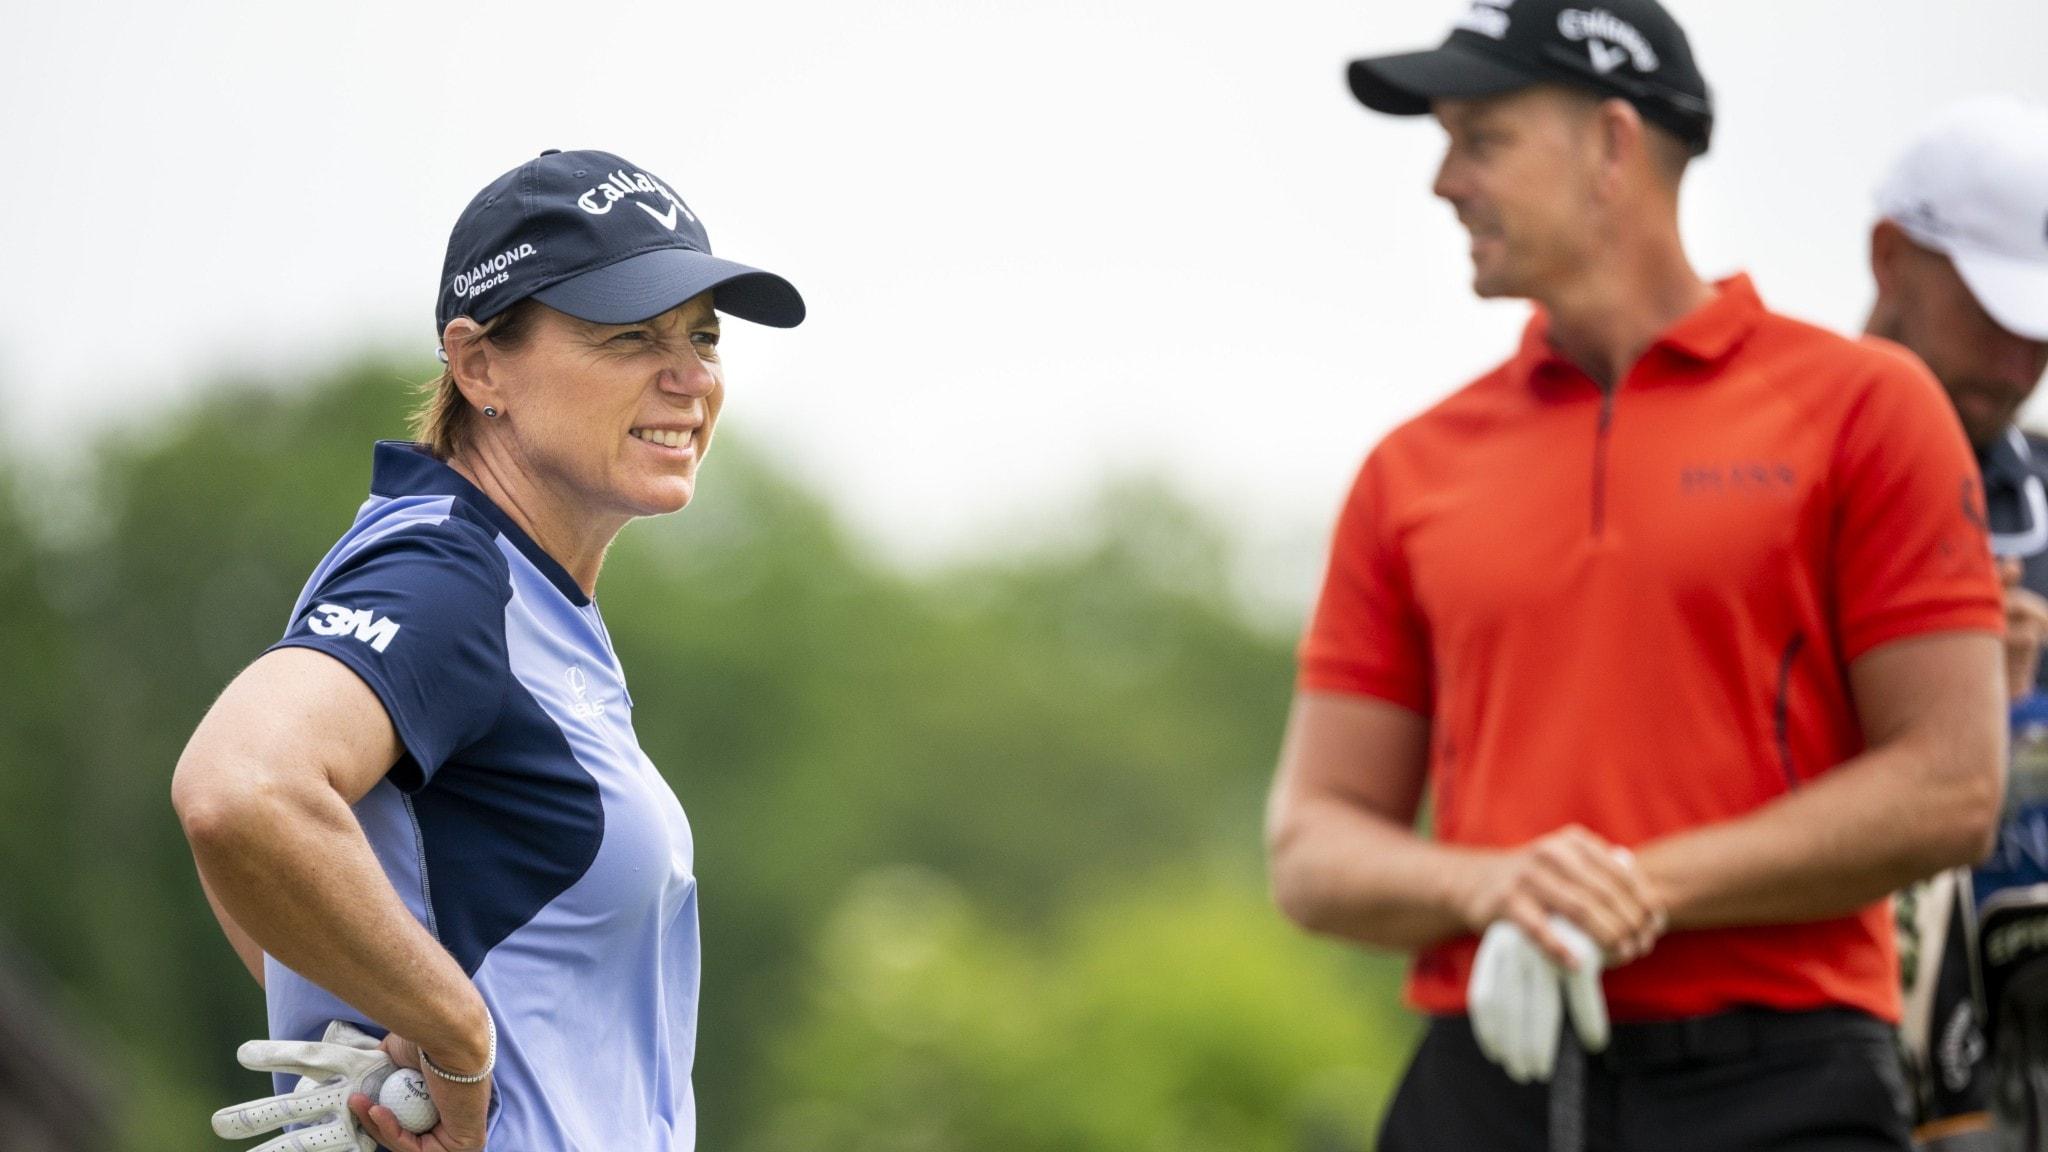 Damer och herrar gör upp i golfturnering i Halmstad 2022